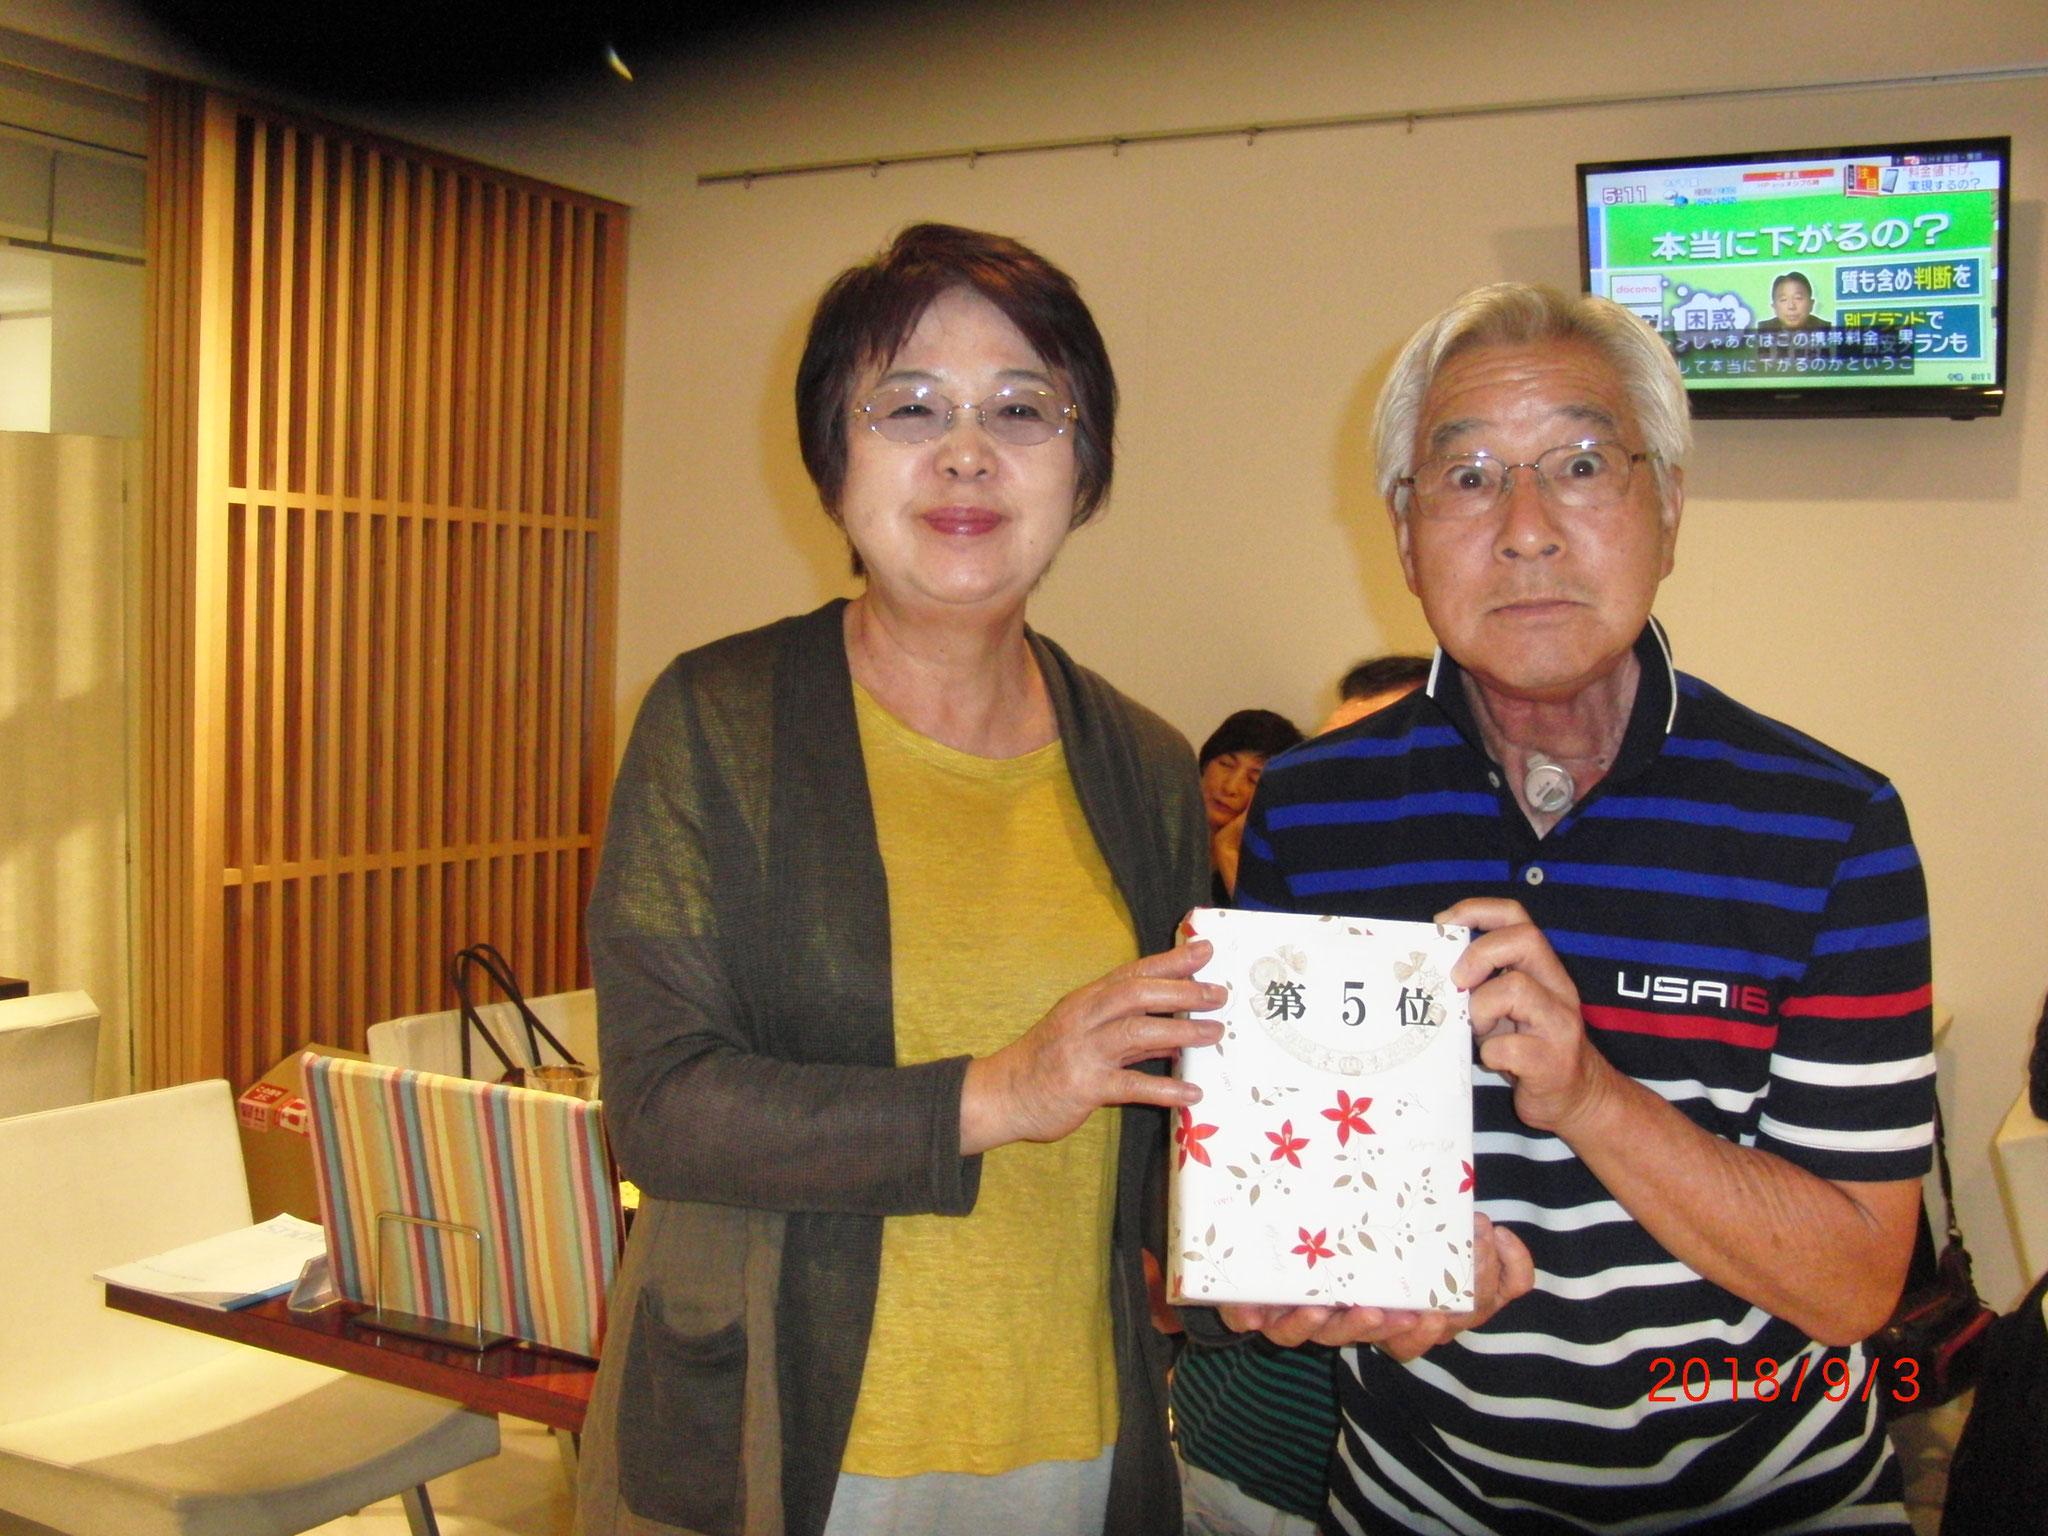 江ノ島杯の5位 : 加納善夫